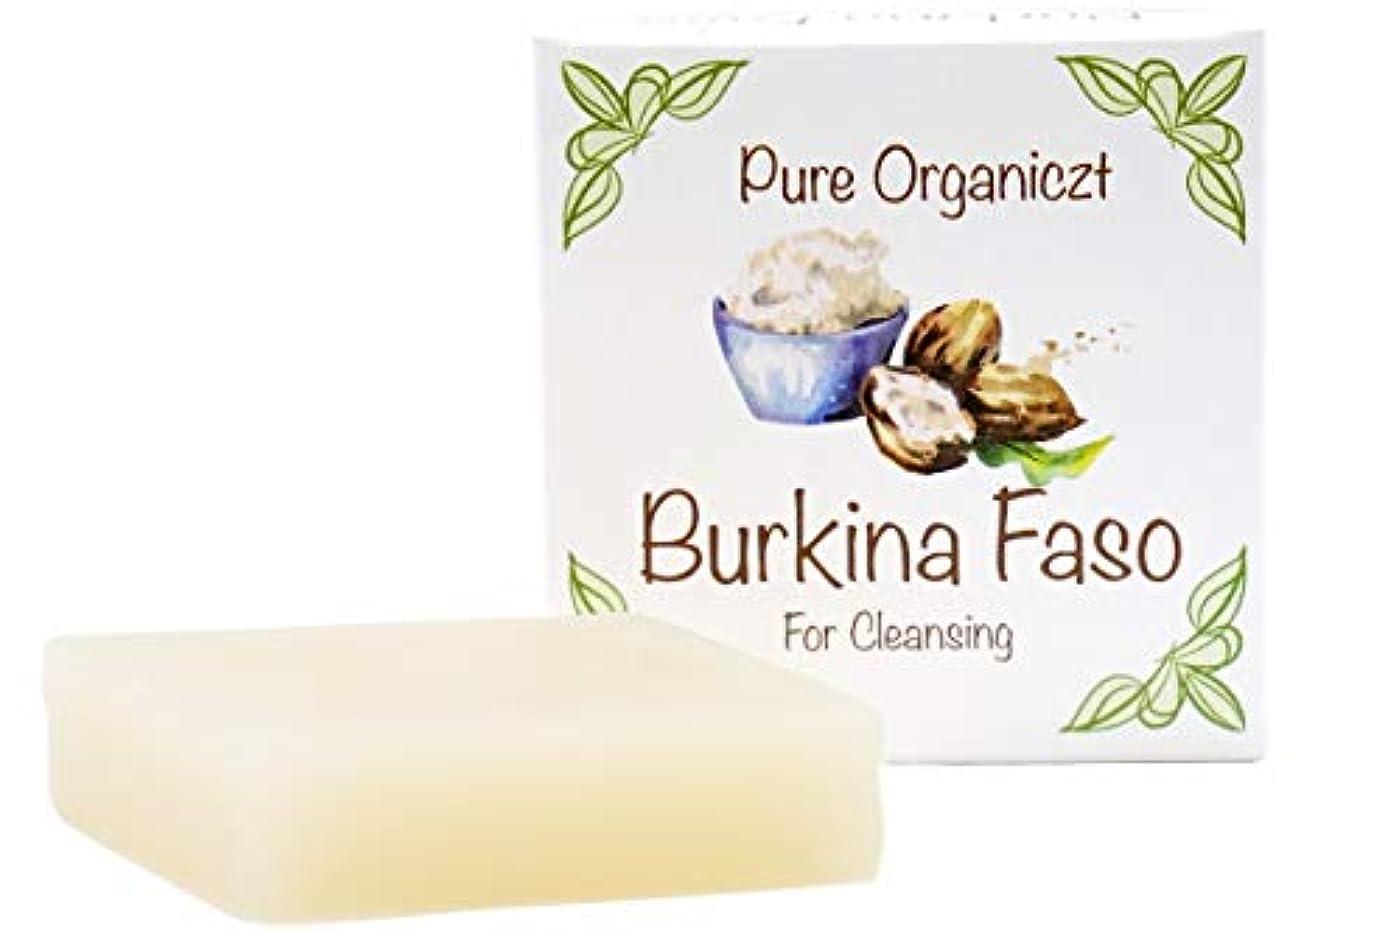 合体ロッカー大学シアバター 洗顔用石鹸 Burkina Faso Pure Organiczt 『無添加?毛穴?美白?保湿』